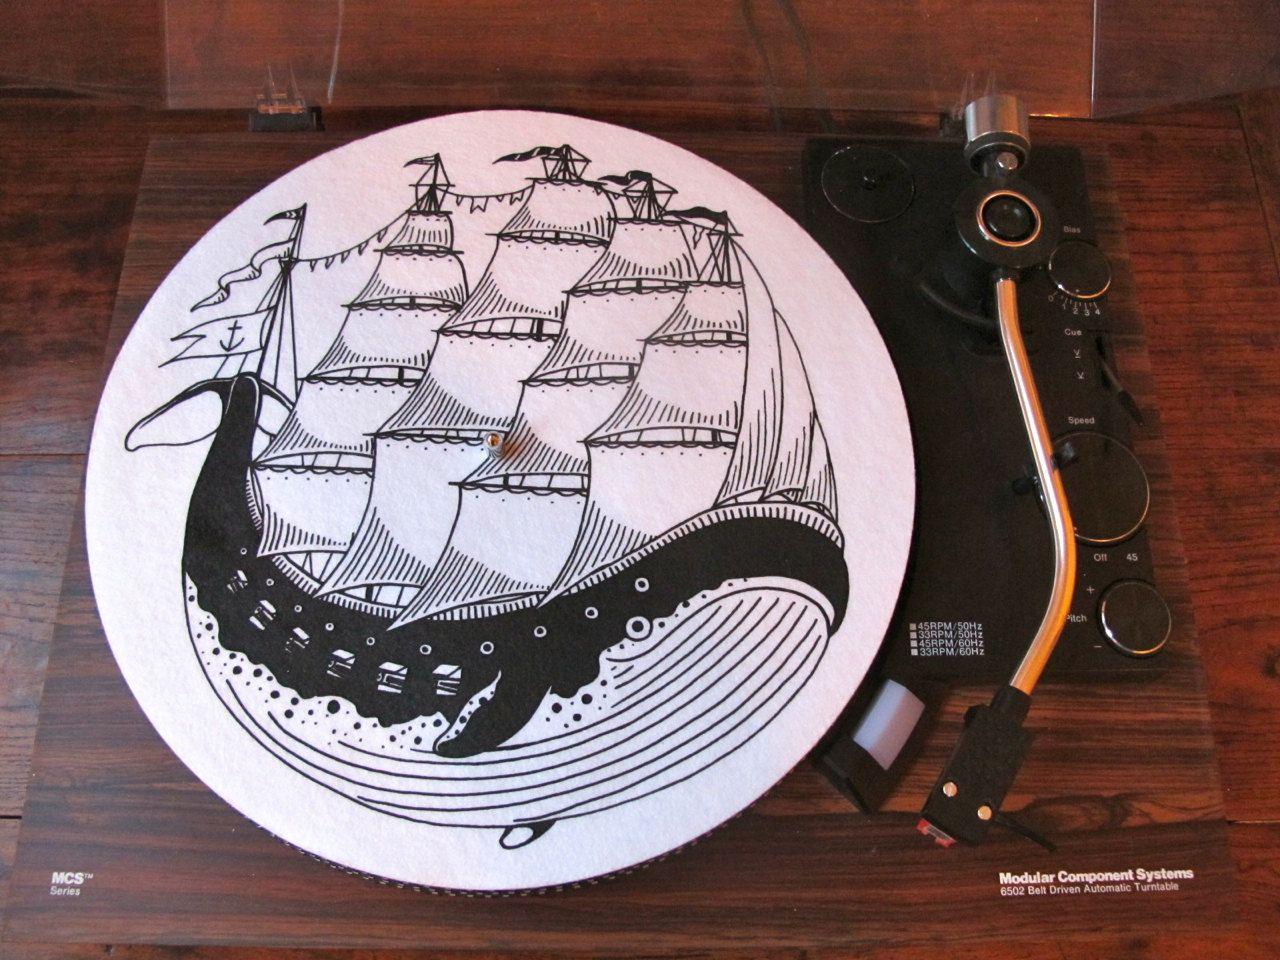 Turntable Slipmat Whaleboat By Kyler Martz Vinyl